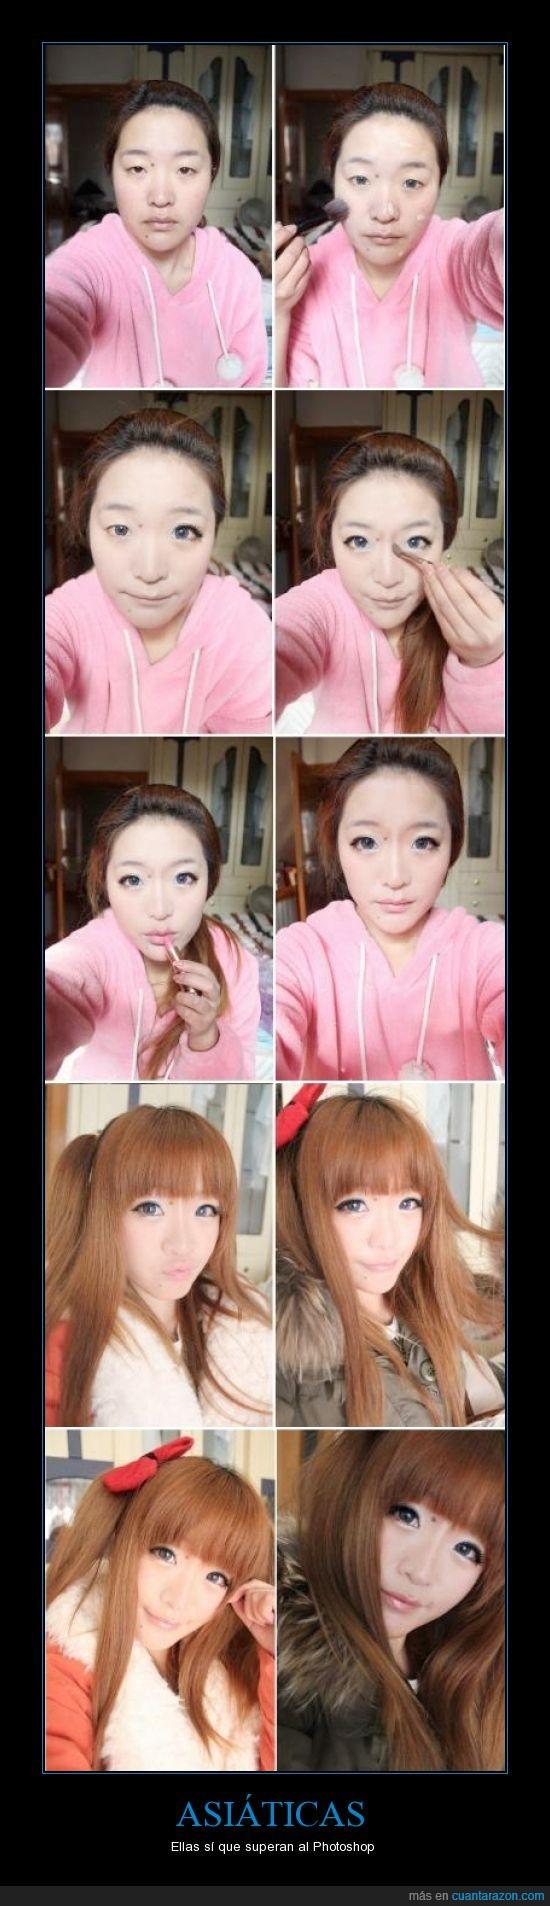 asiaticas,cambio,chinas,japonesas,maquillaje,photoshop,sorprendente,superar